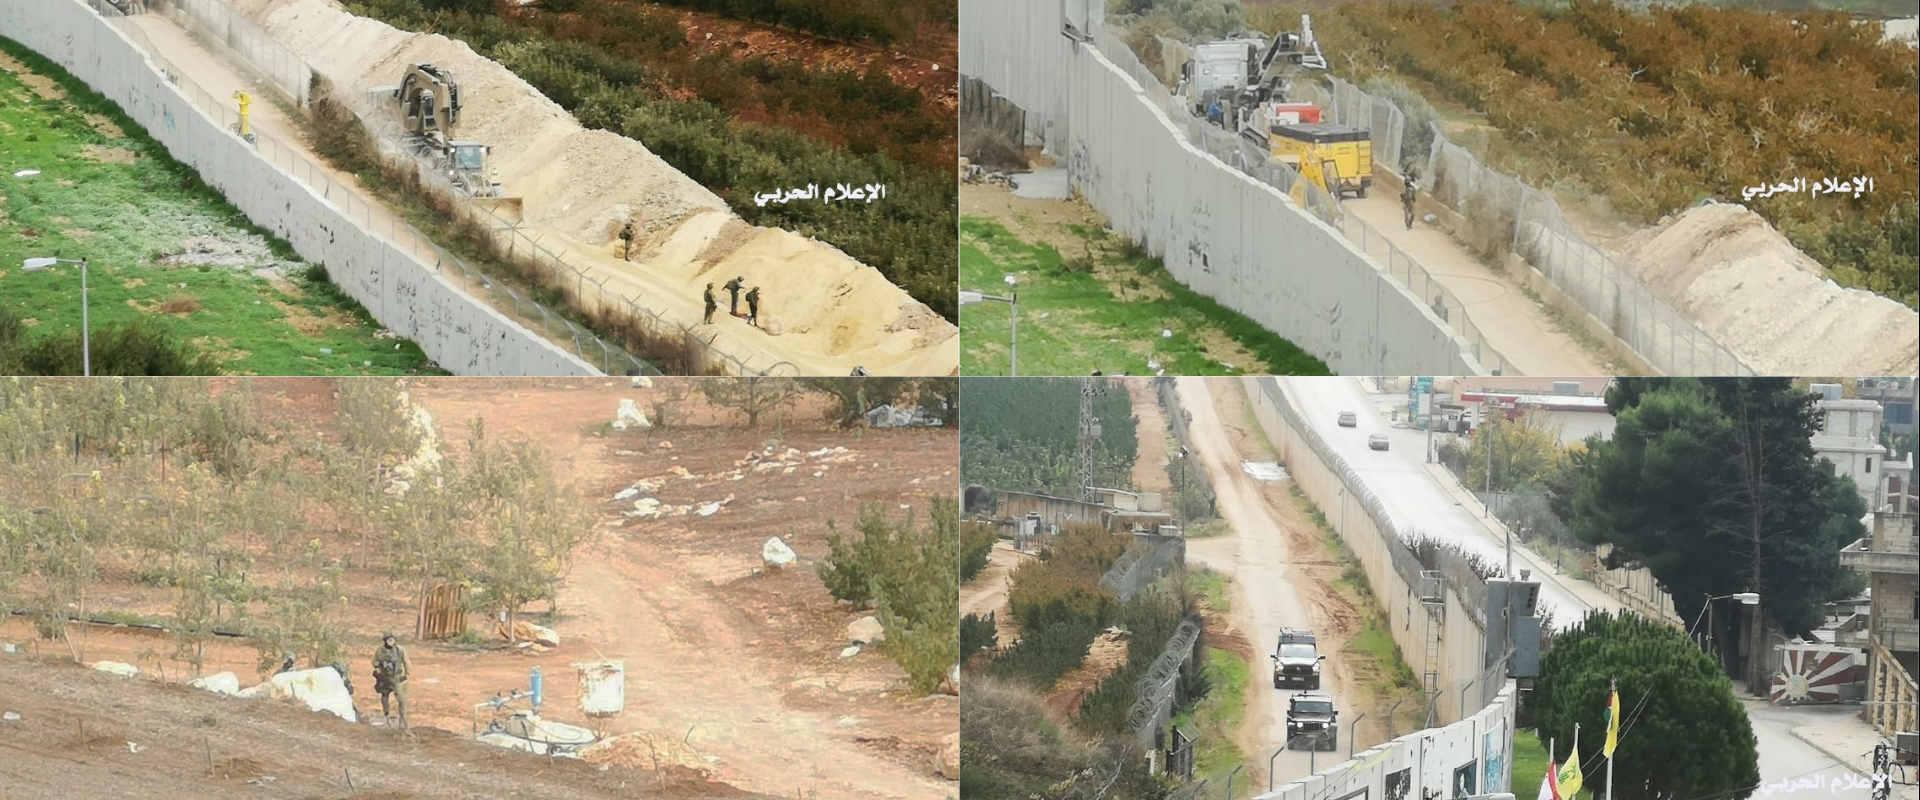 """תמונות ראשונות מפעילות צה""""ל ליד הגדר"""